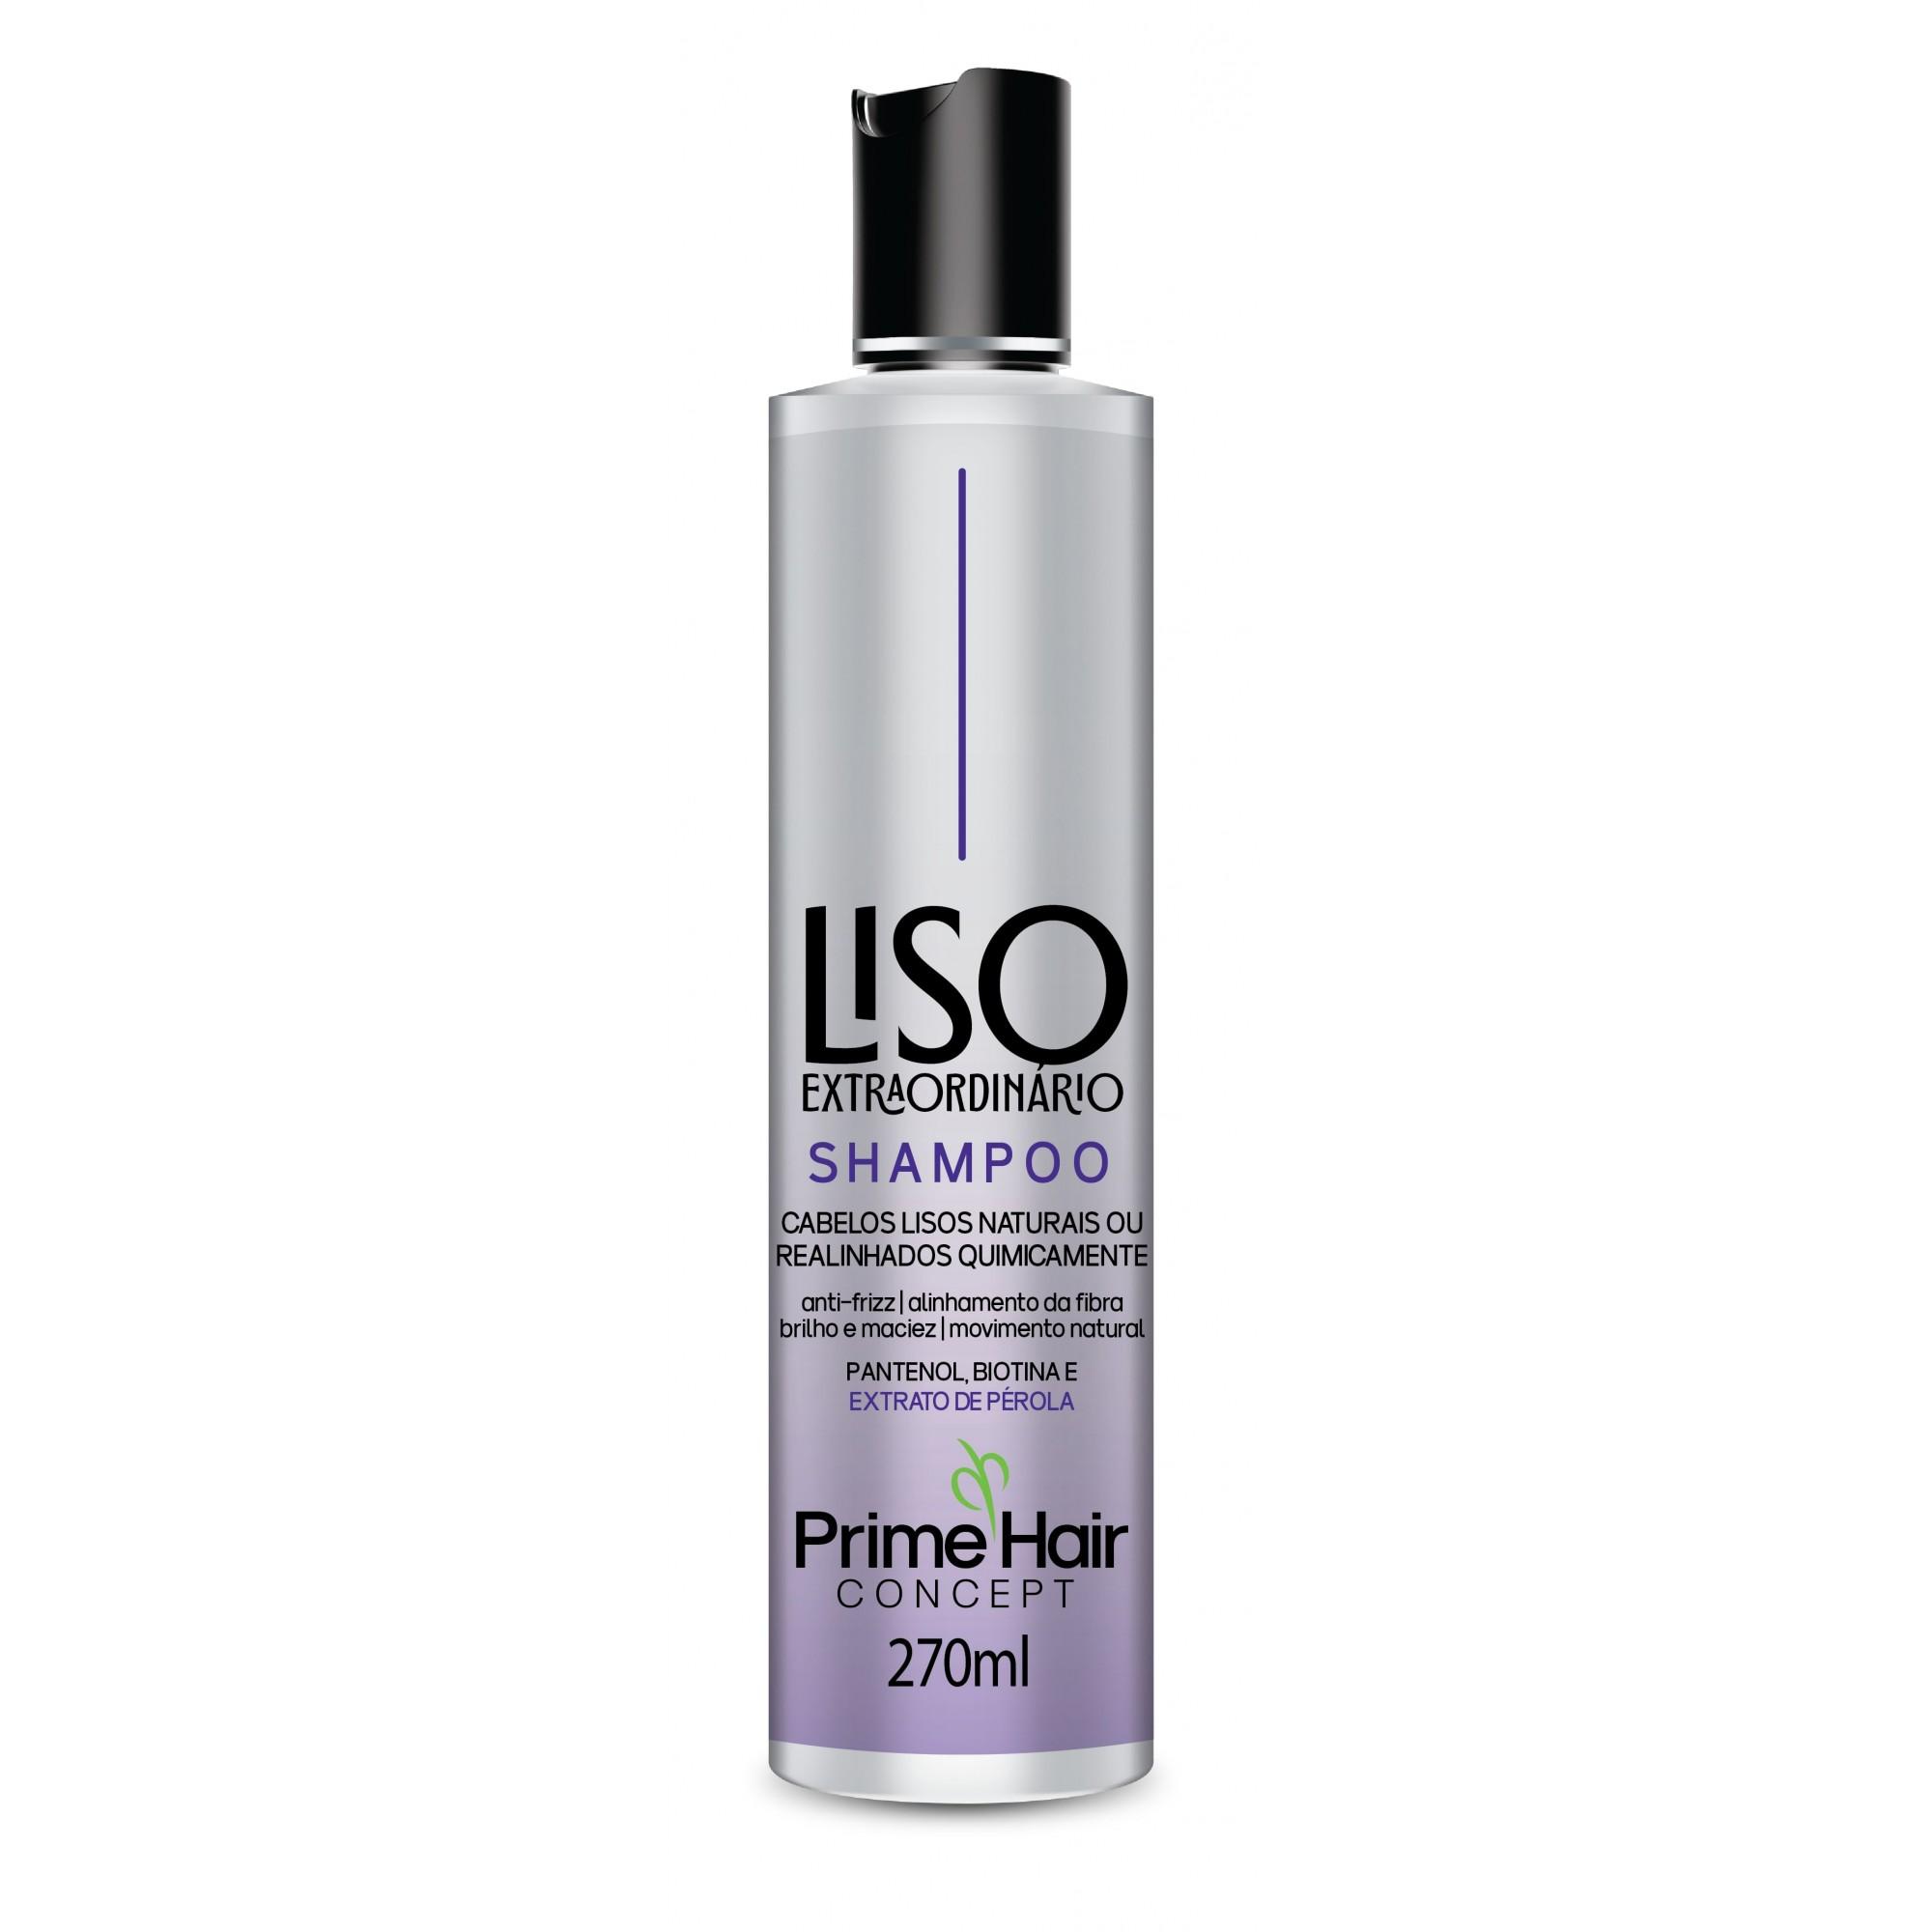 SHAMPOO CONCEPT LISO EXTRAORDINÁRIO 270ML - PRIME HAIR